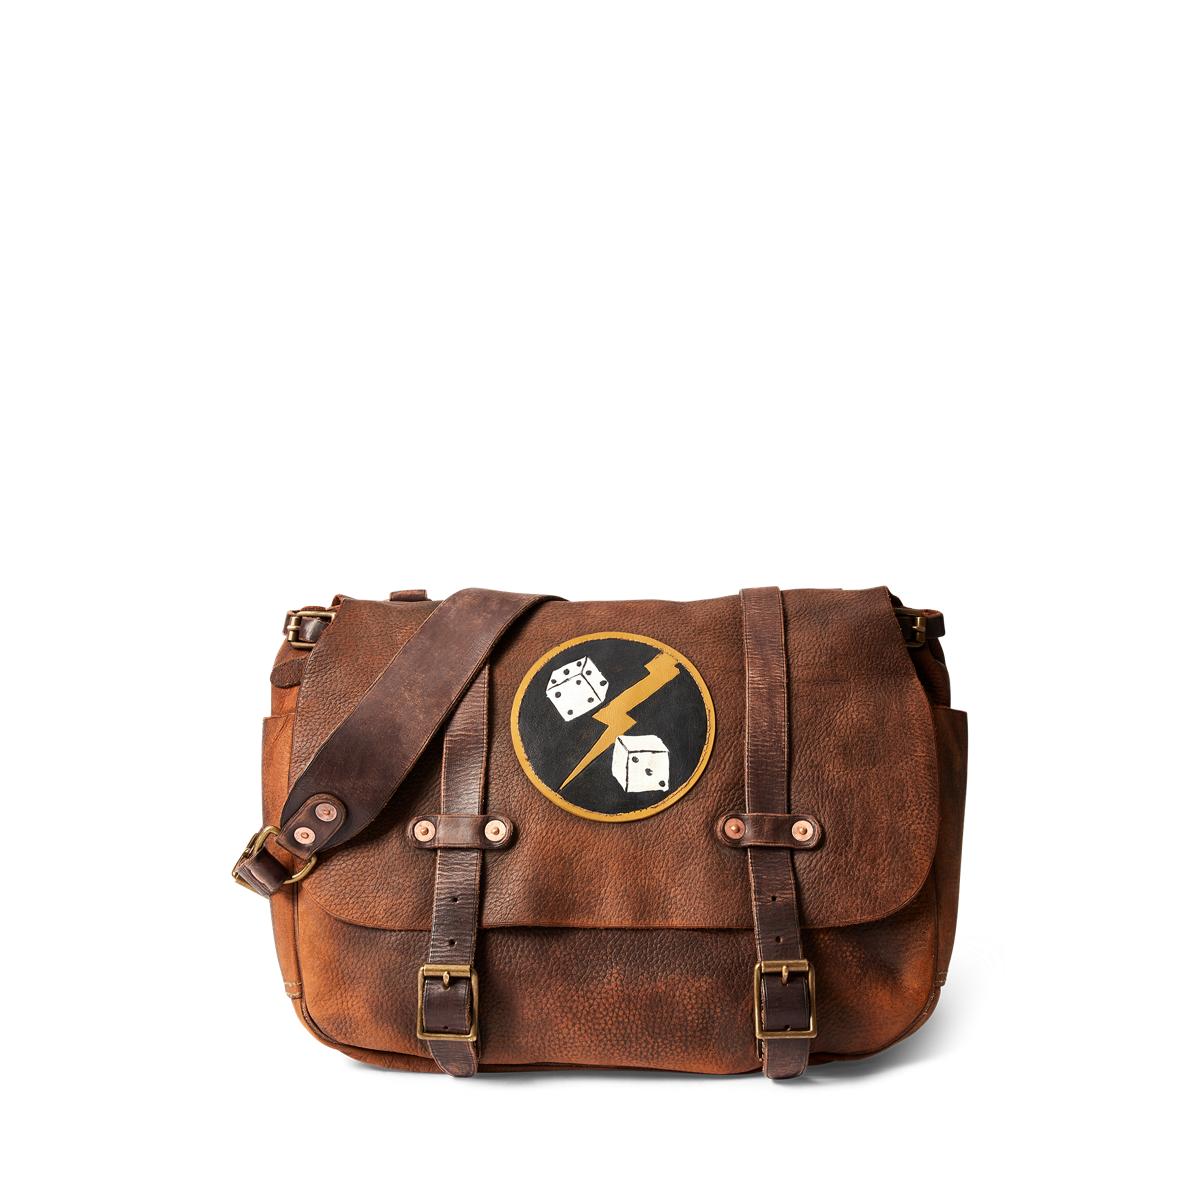 d28f7e1542 Distressed Leather Saddle Bag